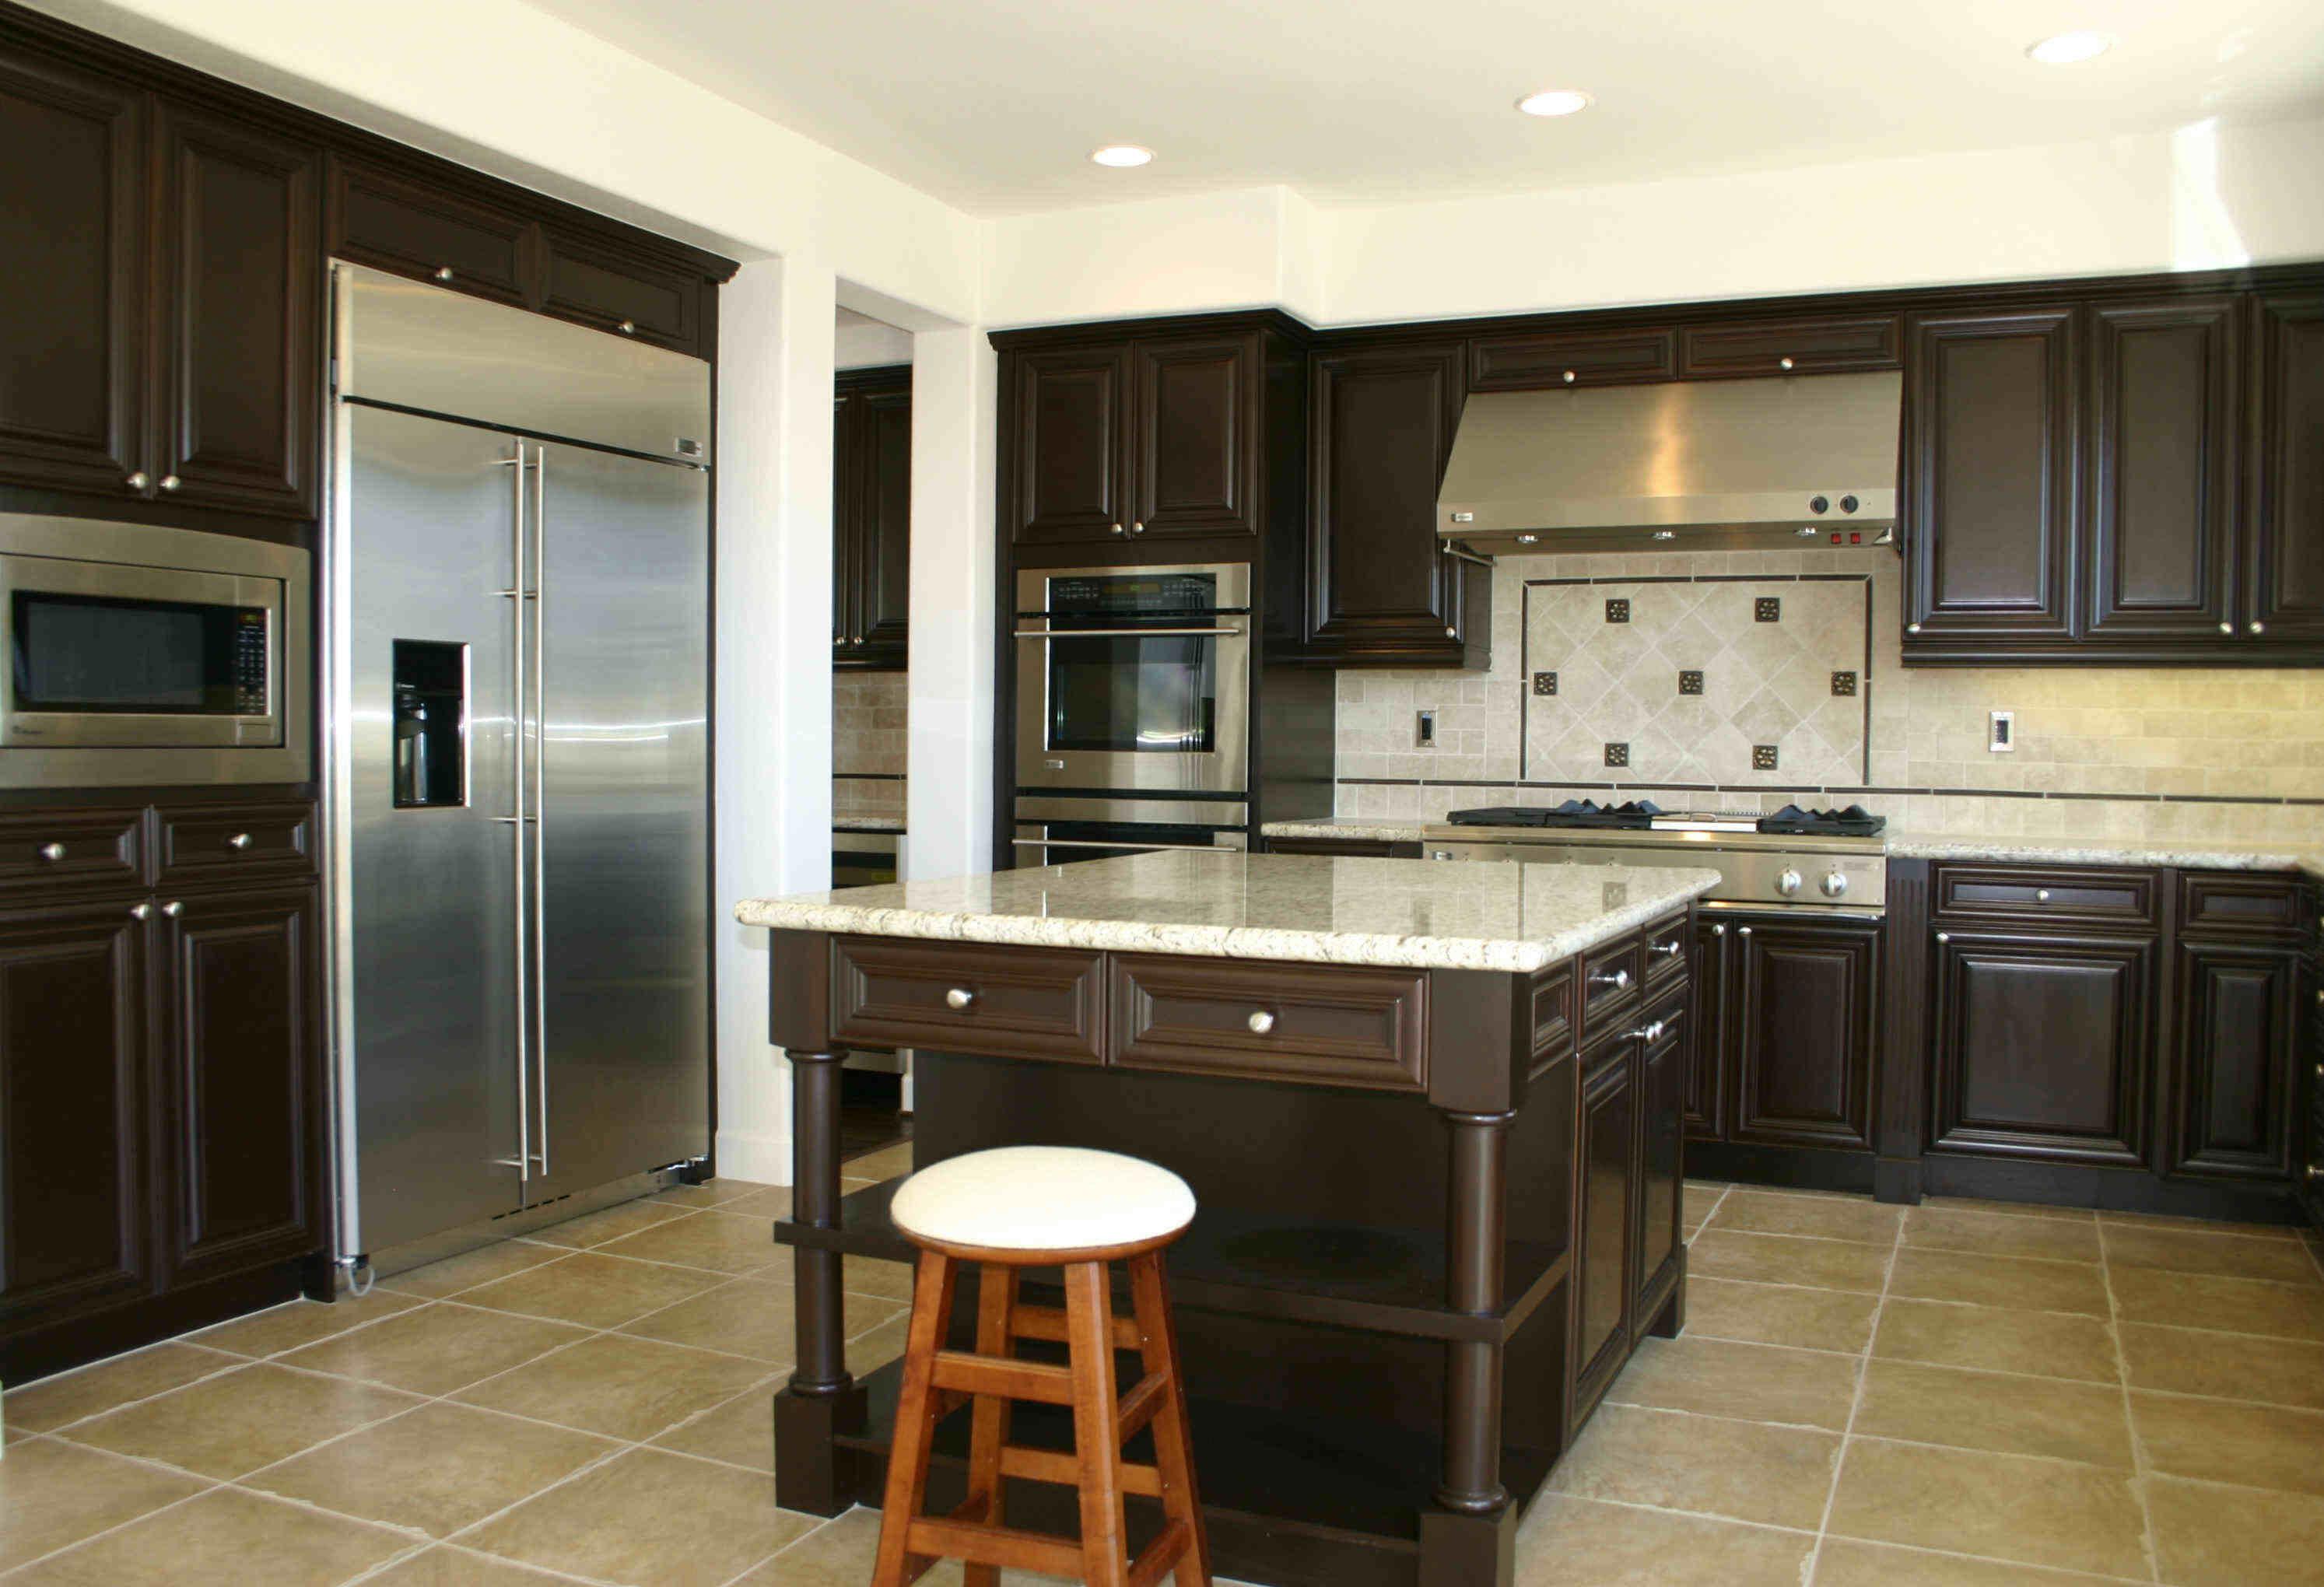 _dark_brown_furniture_in_the_kitchen_091504_